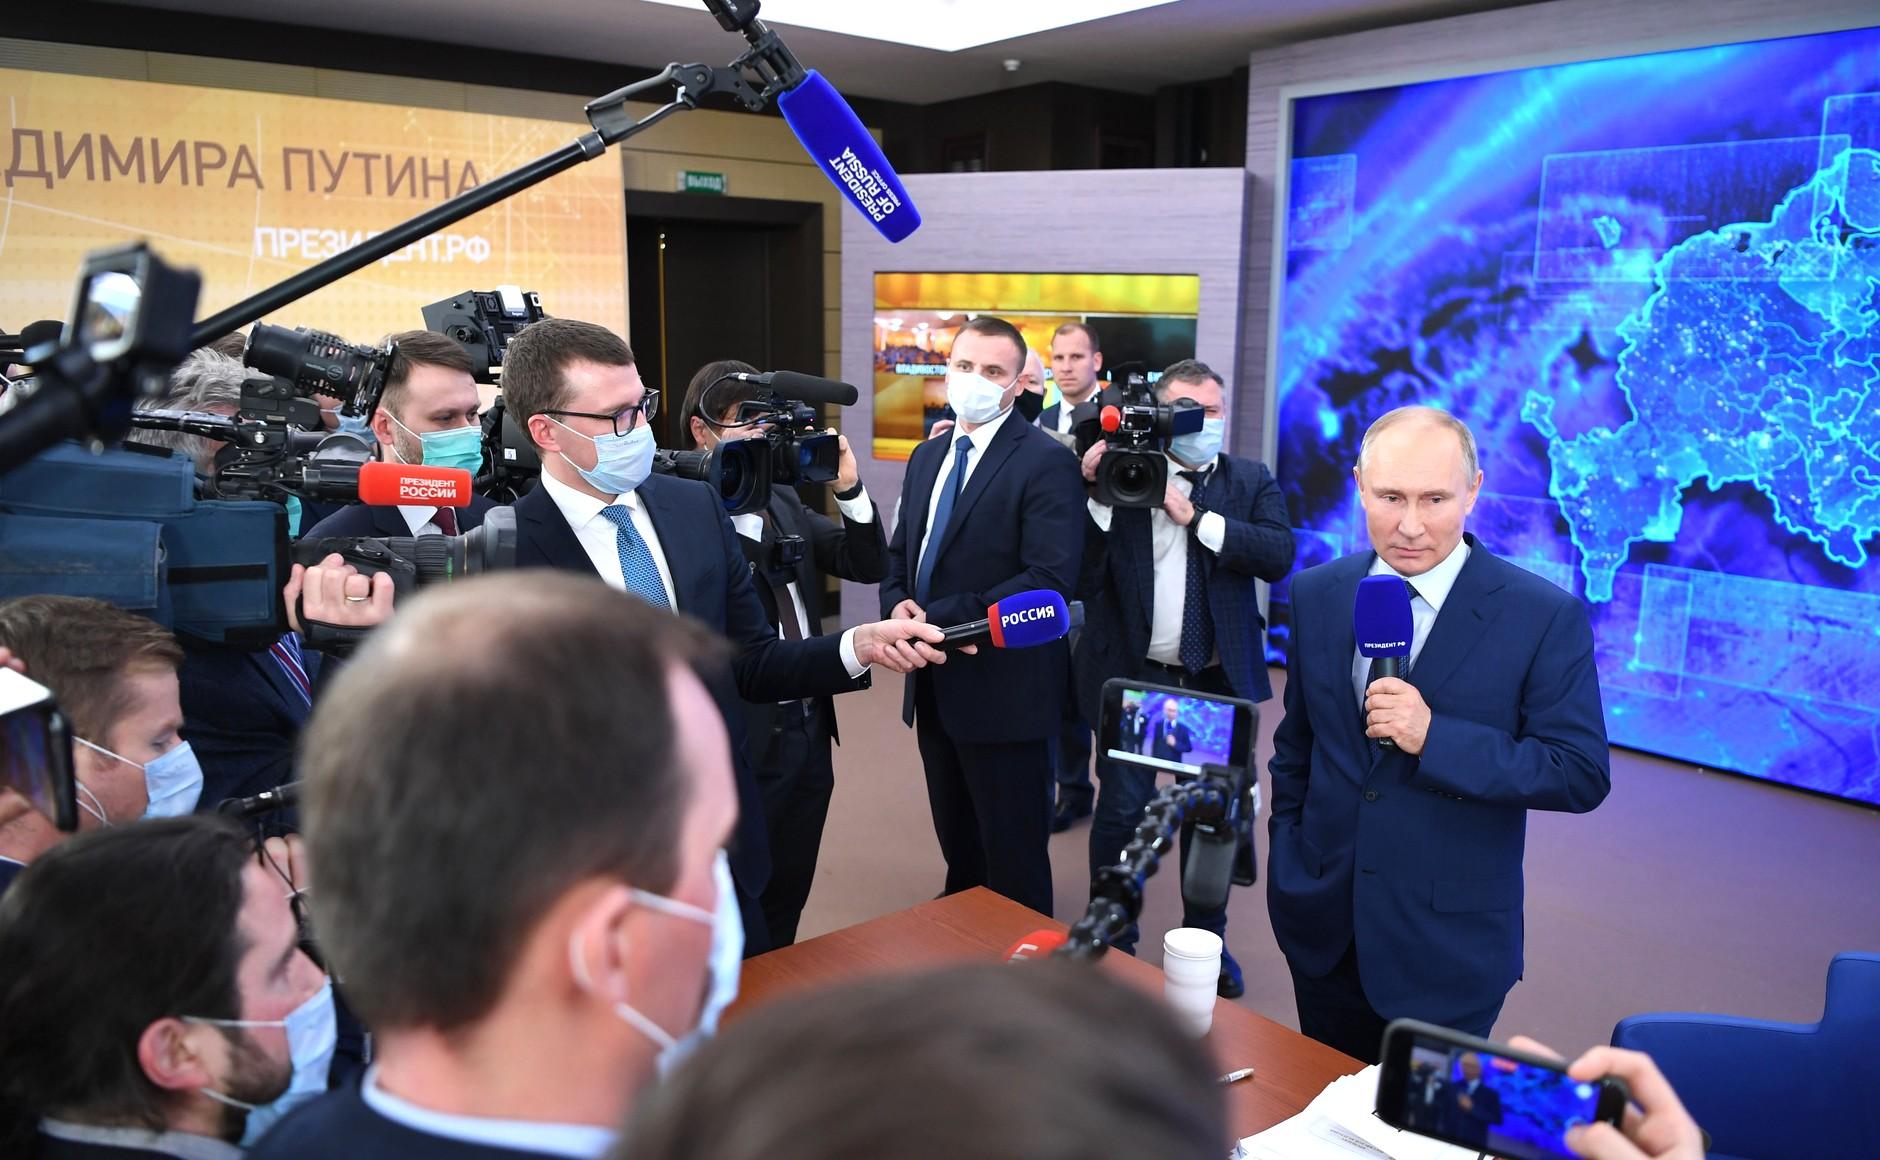 RUSSIE 17.12.2020.CONFERENCE 66 XX 66 Avant le début de la conférence de presse annuelle de Vladimir Poutine.